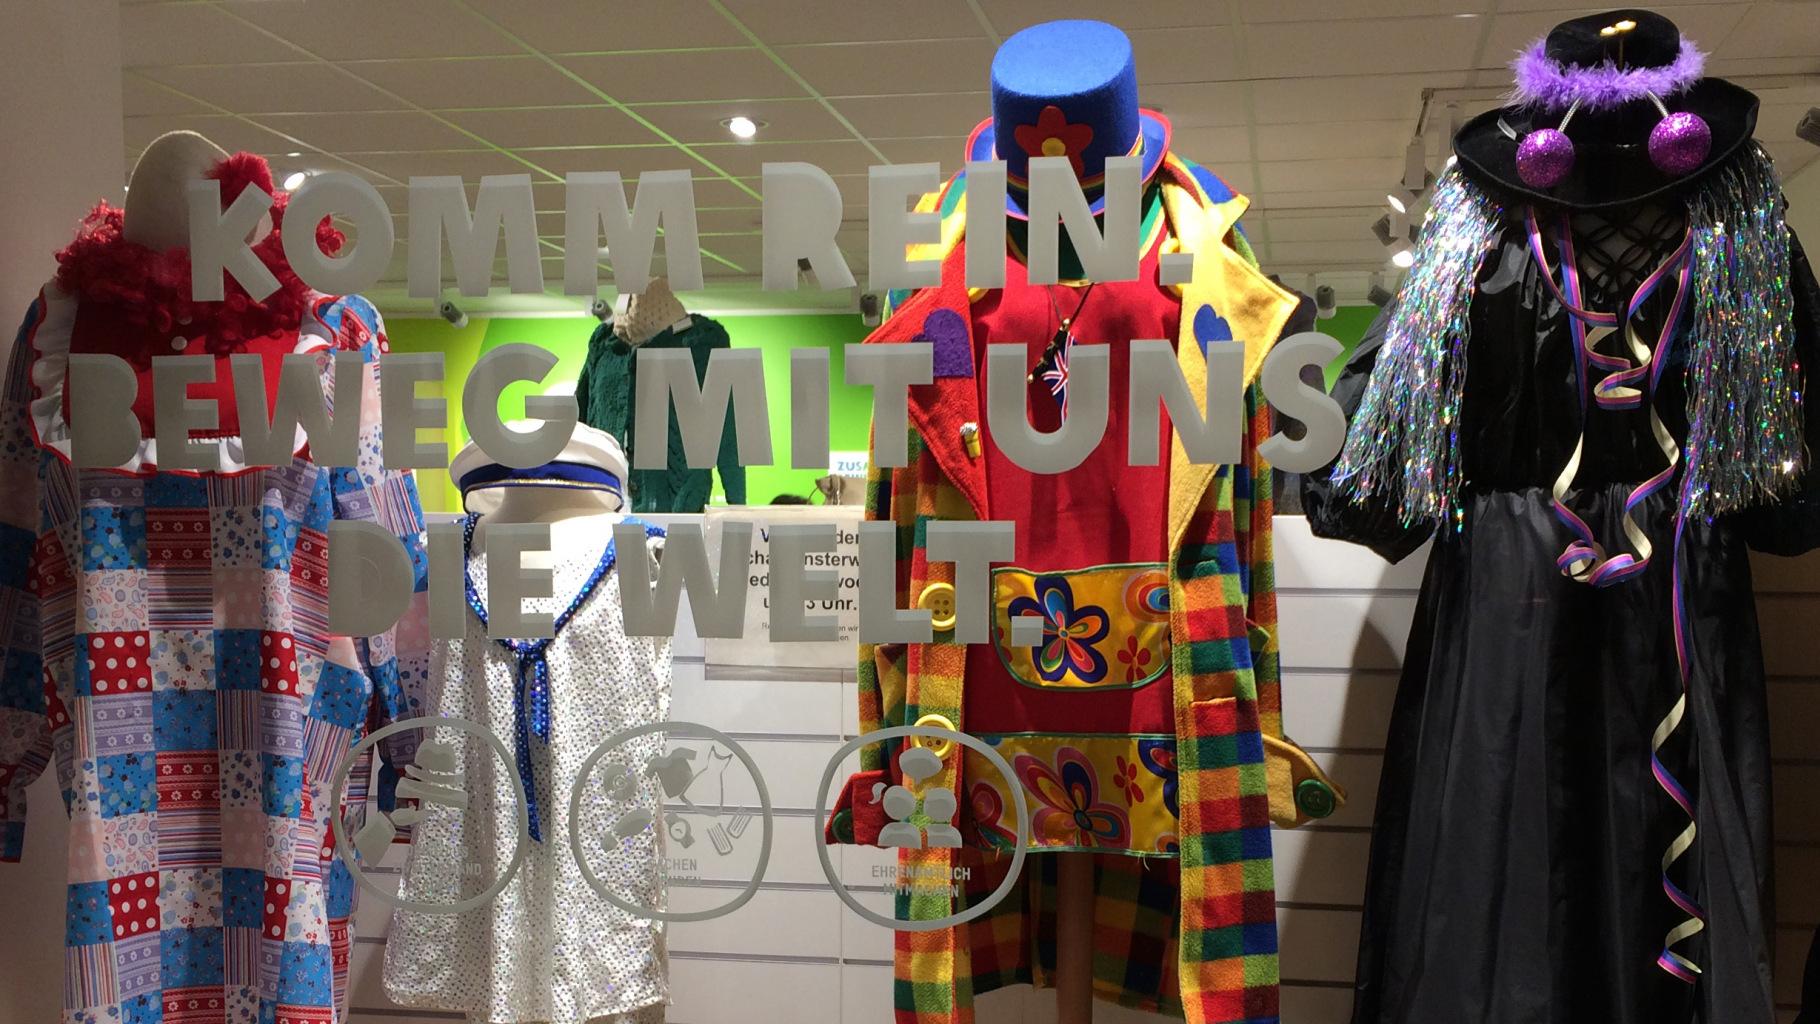 Karneval-Schaufenster eines Oxfam Shops